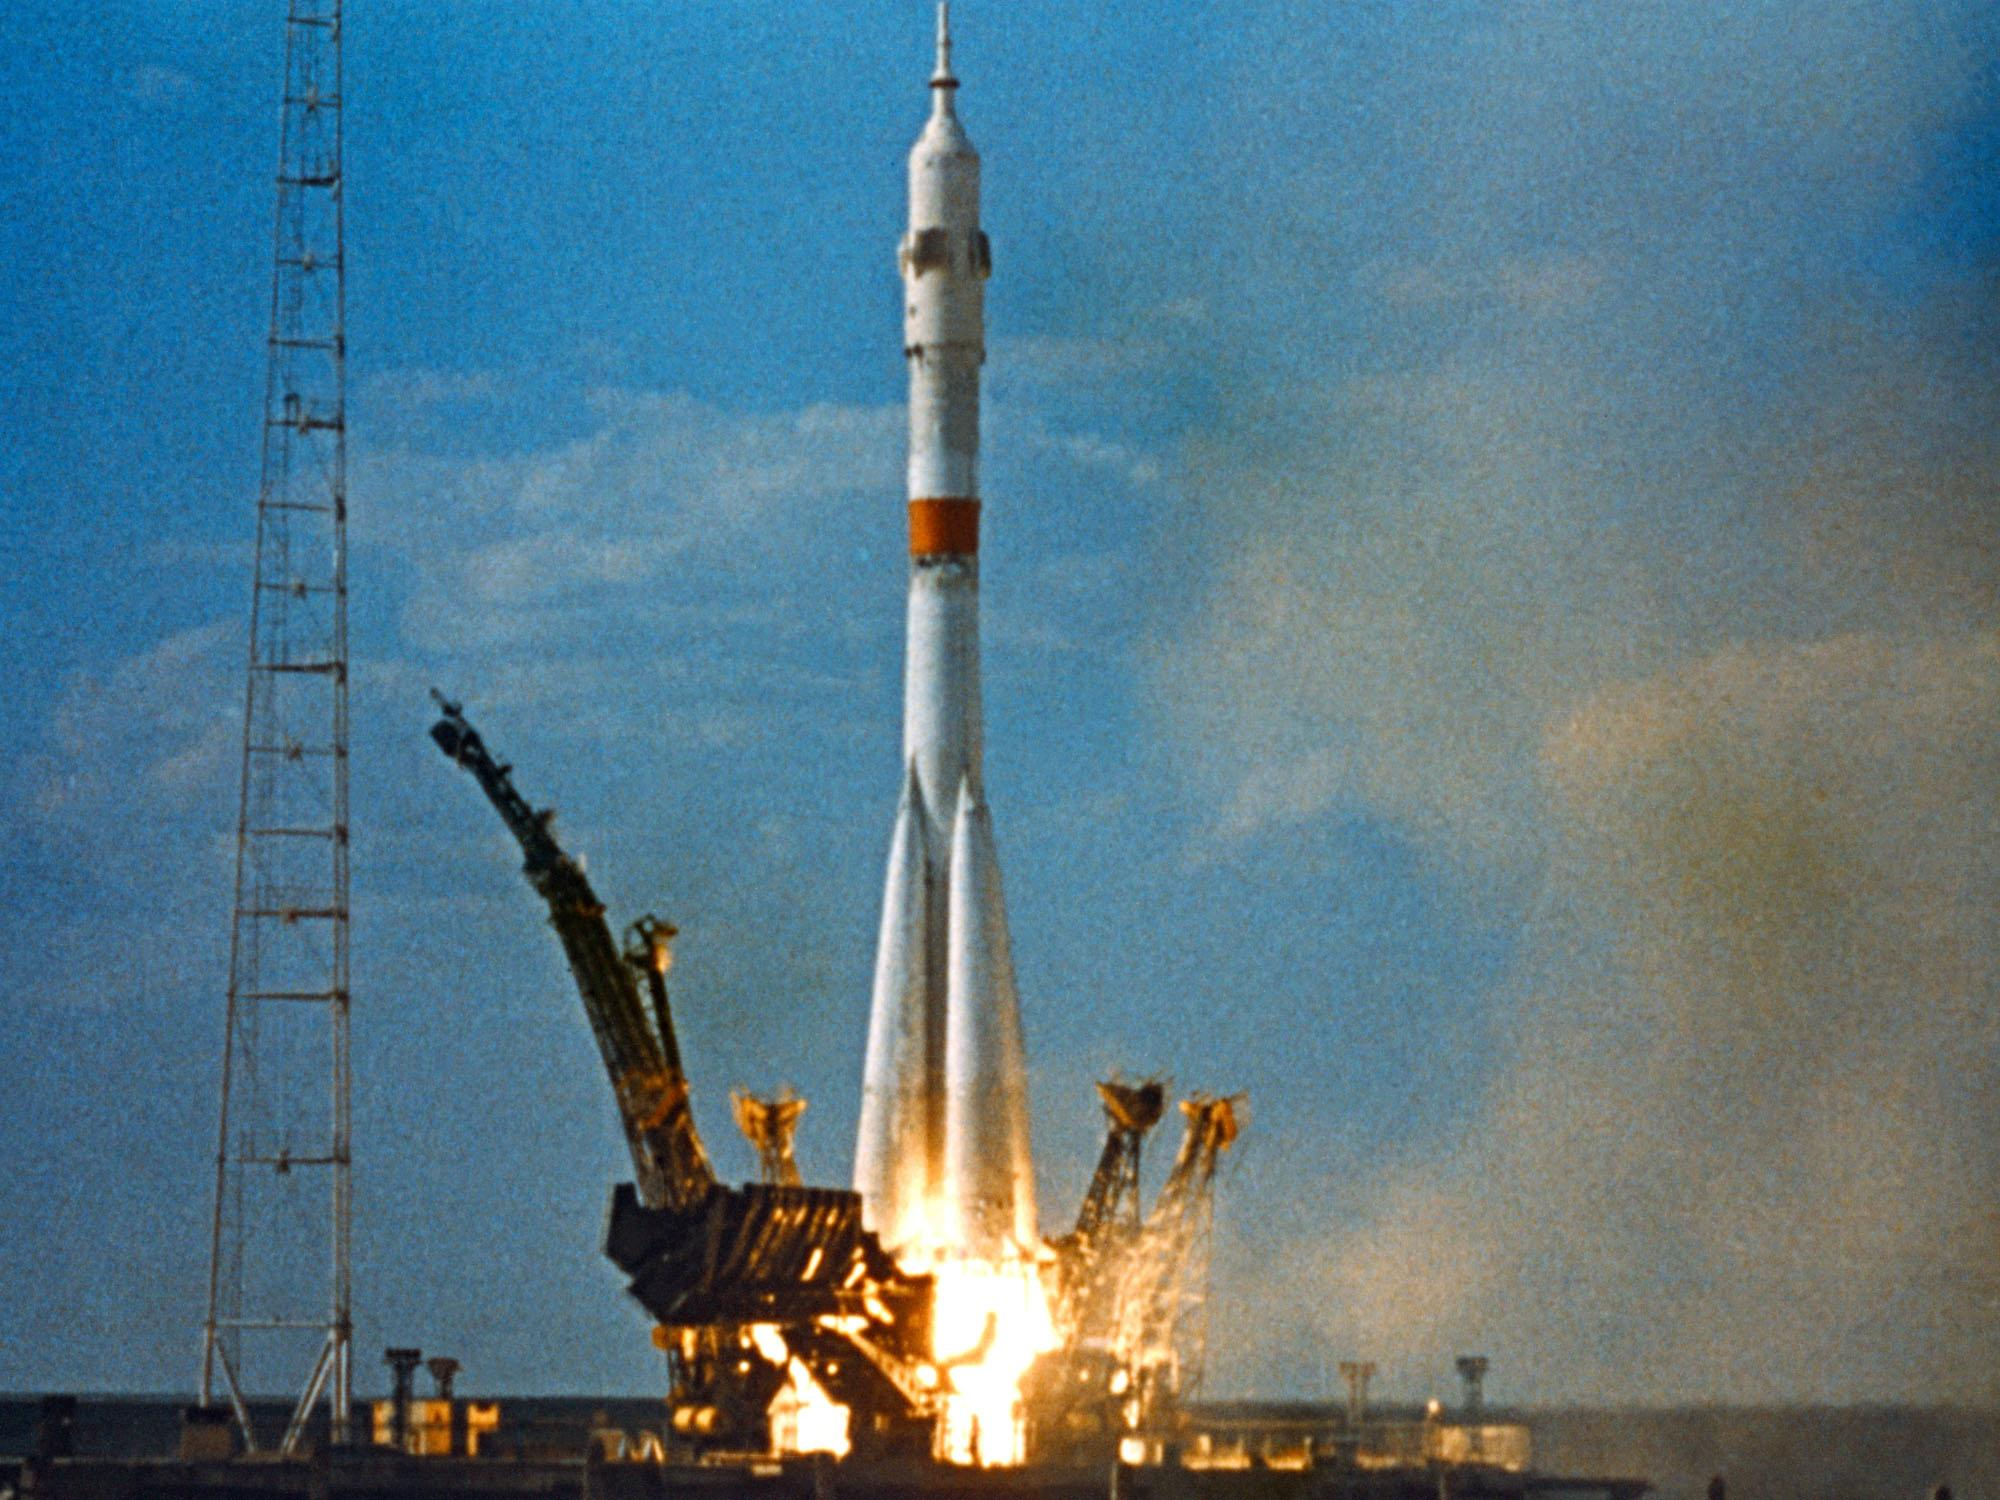 lift off apollo missions - photo #20